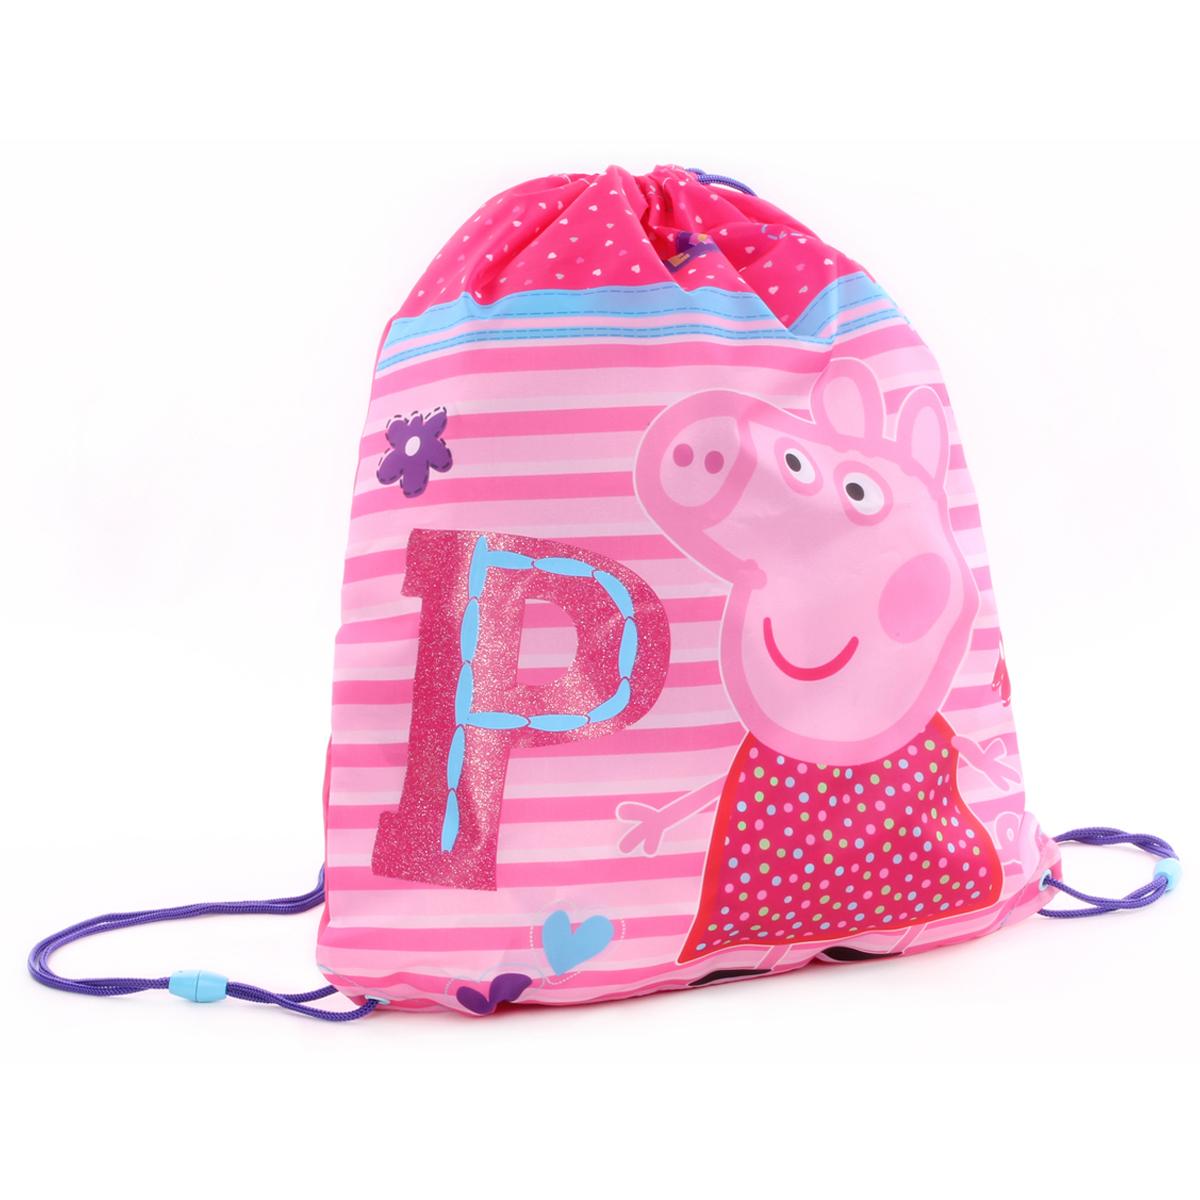 Sac de gym créateur \'Peppa Pig\' rose - 44x37 cm - [R0506]